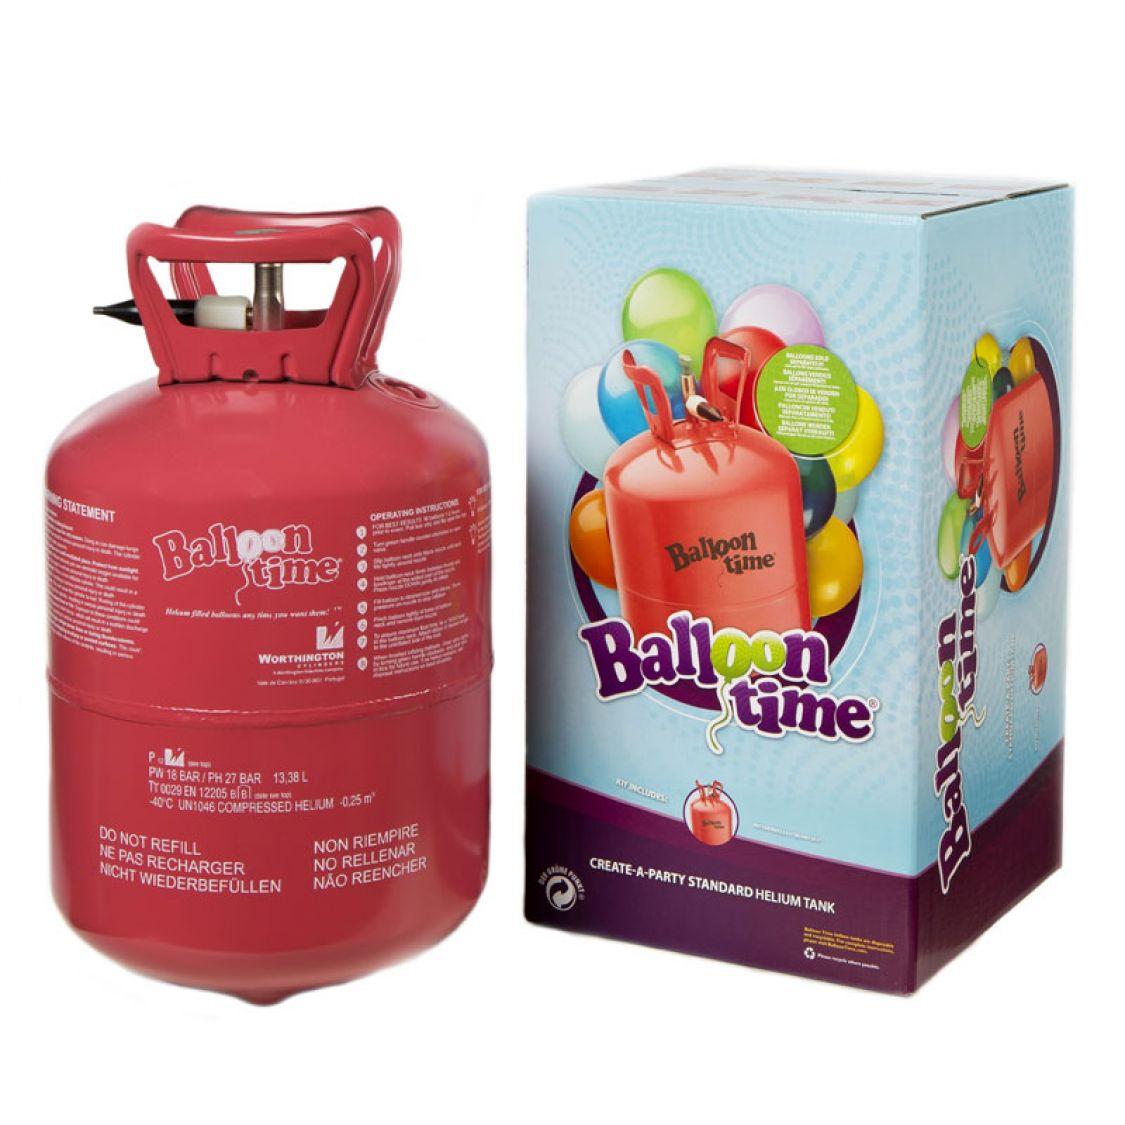 Bouteille d 39 helium jetable 30 ballons - Gonfler ballon sans helium ...